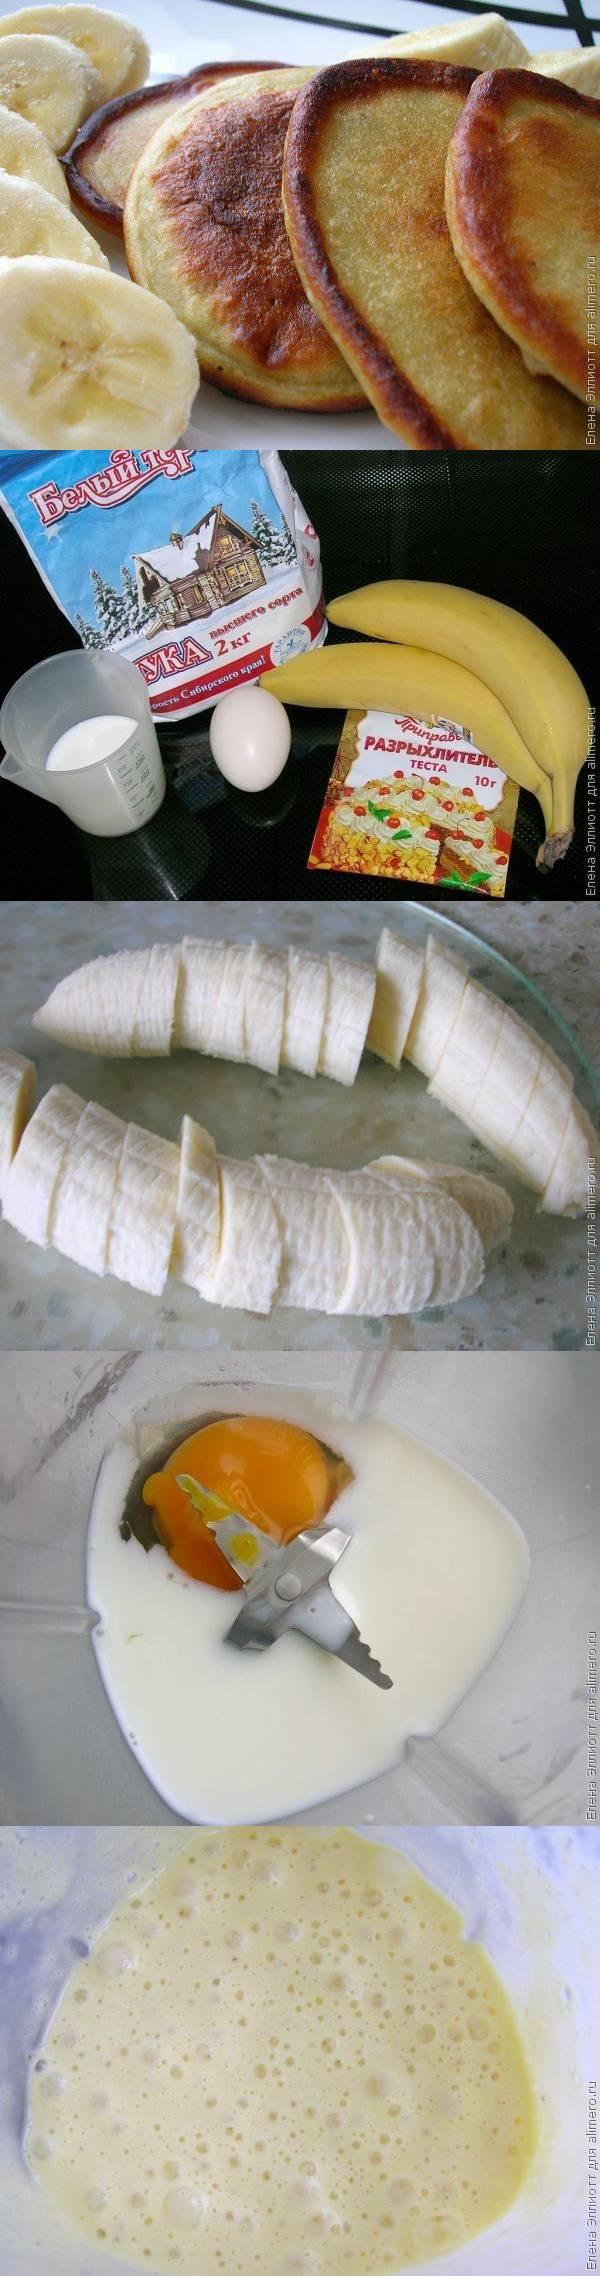 Оладьи с бананами рецепт пошагово самый вкусный